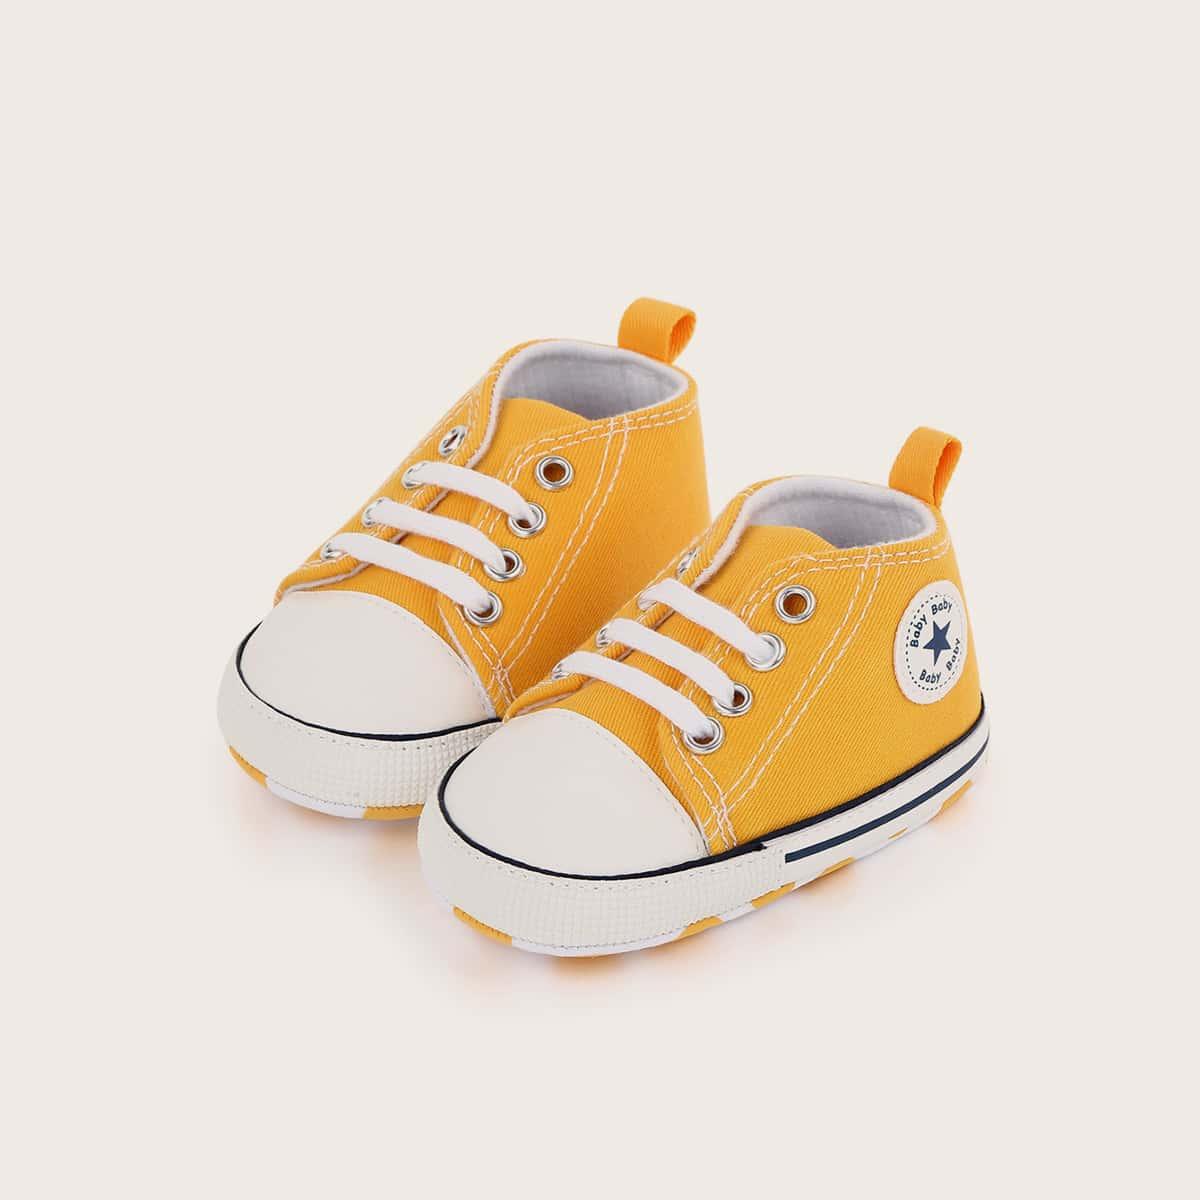 Холщовые туфли на шнурках для мальчиков от SHEIN